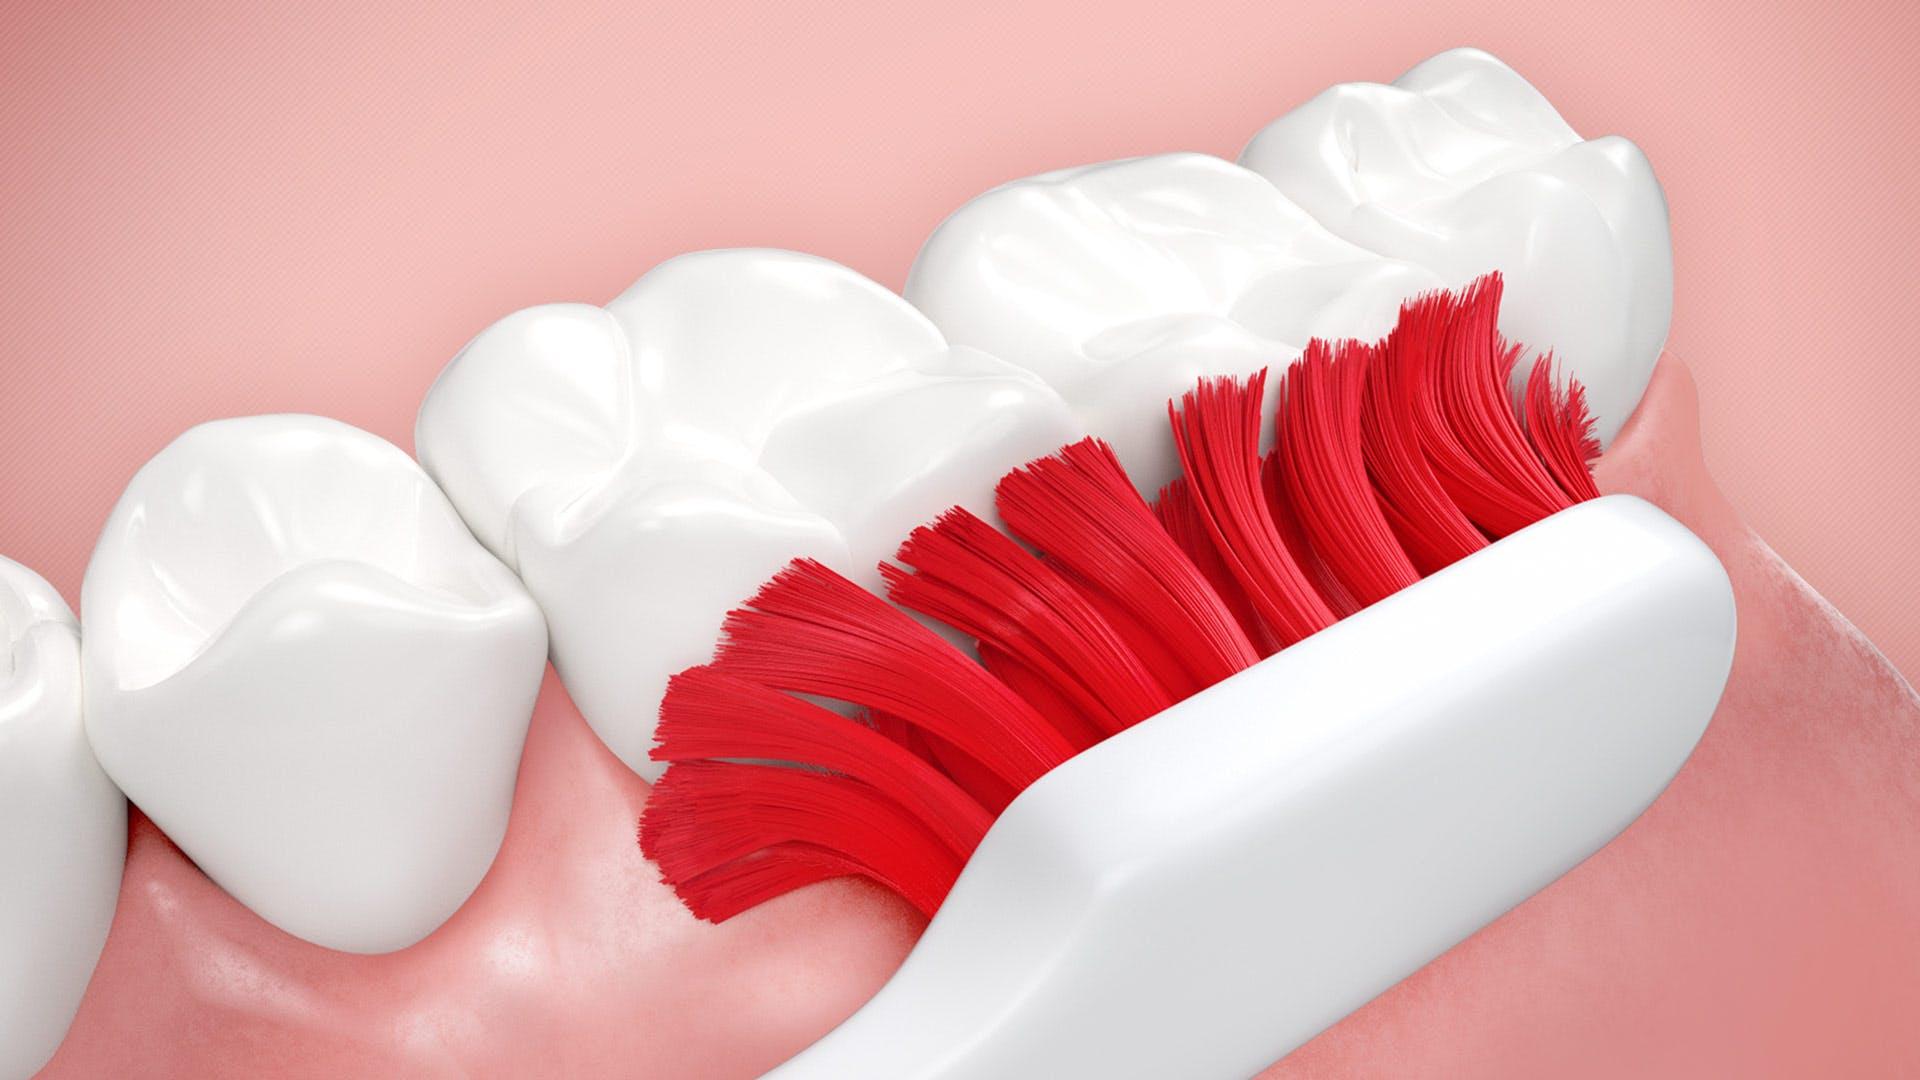 Cómo prevenir el sangrado de encías al cepillarse